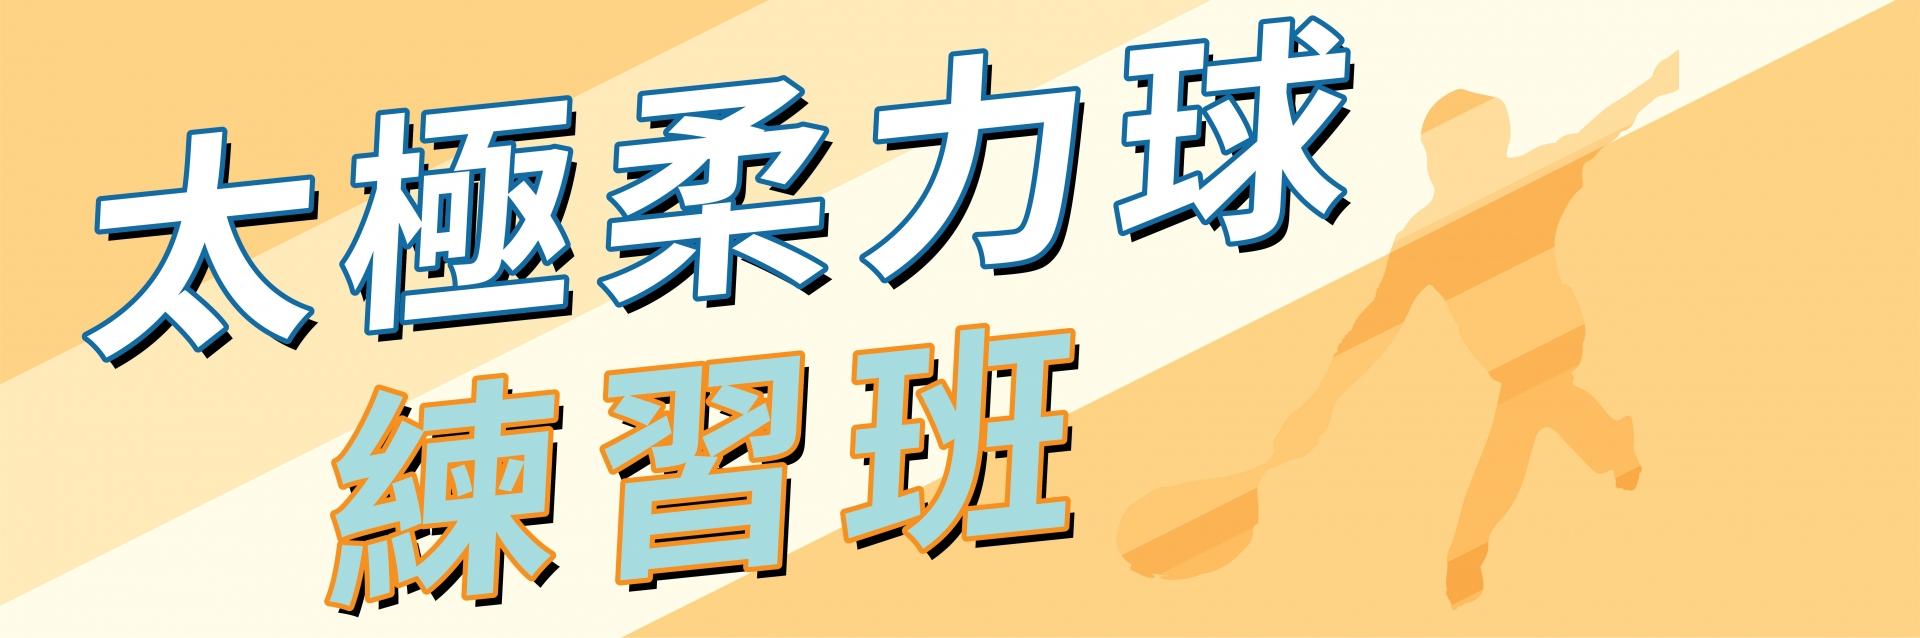 太極柔力球練習班(1-3月)